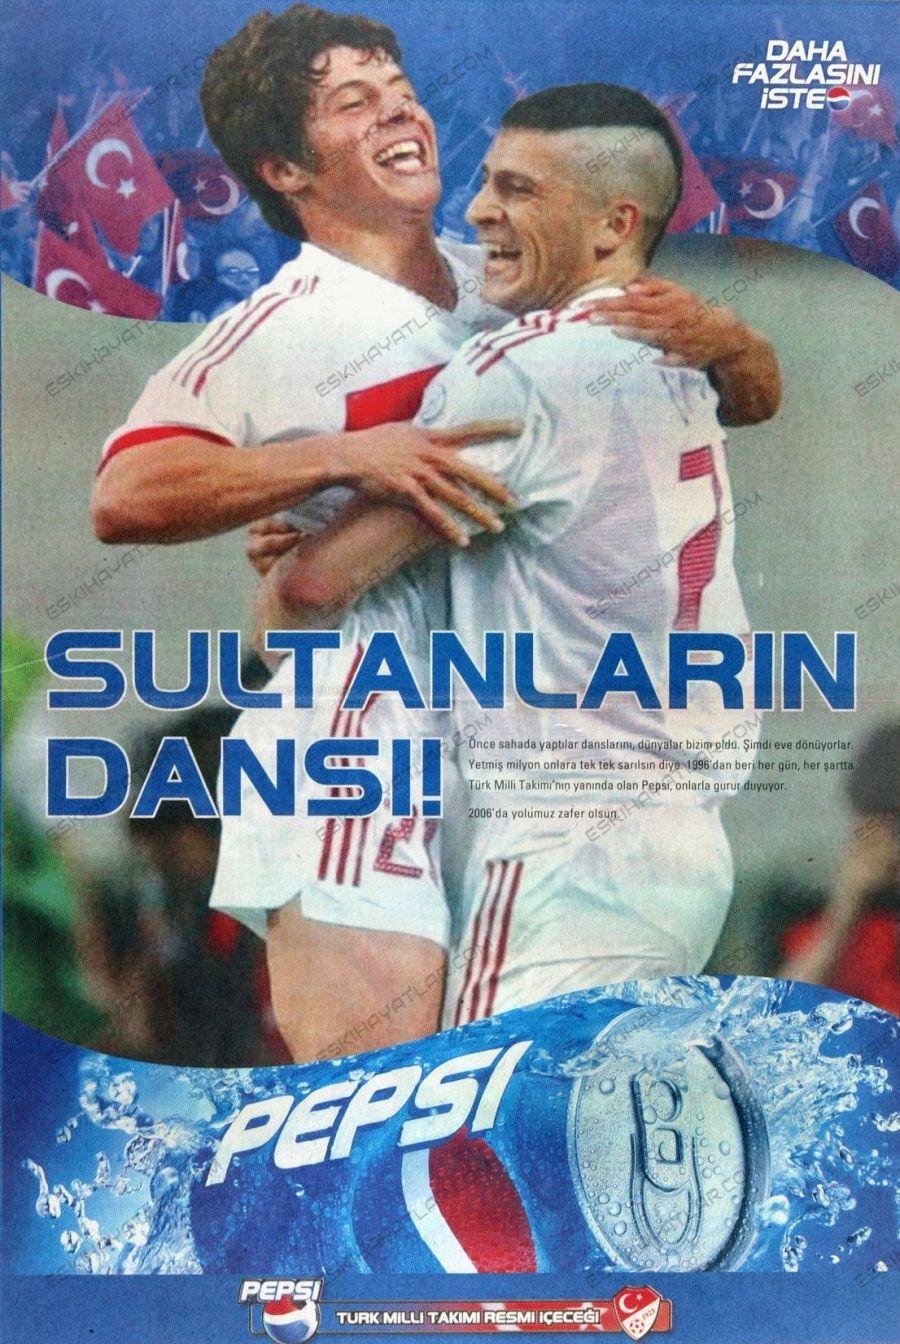 0406-turkiye-a-milli-takimi-2002-dunya-kupasi-hurriyet-gazetesi-pepsi-reklami-daha-fazlasini-iste